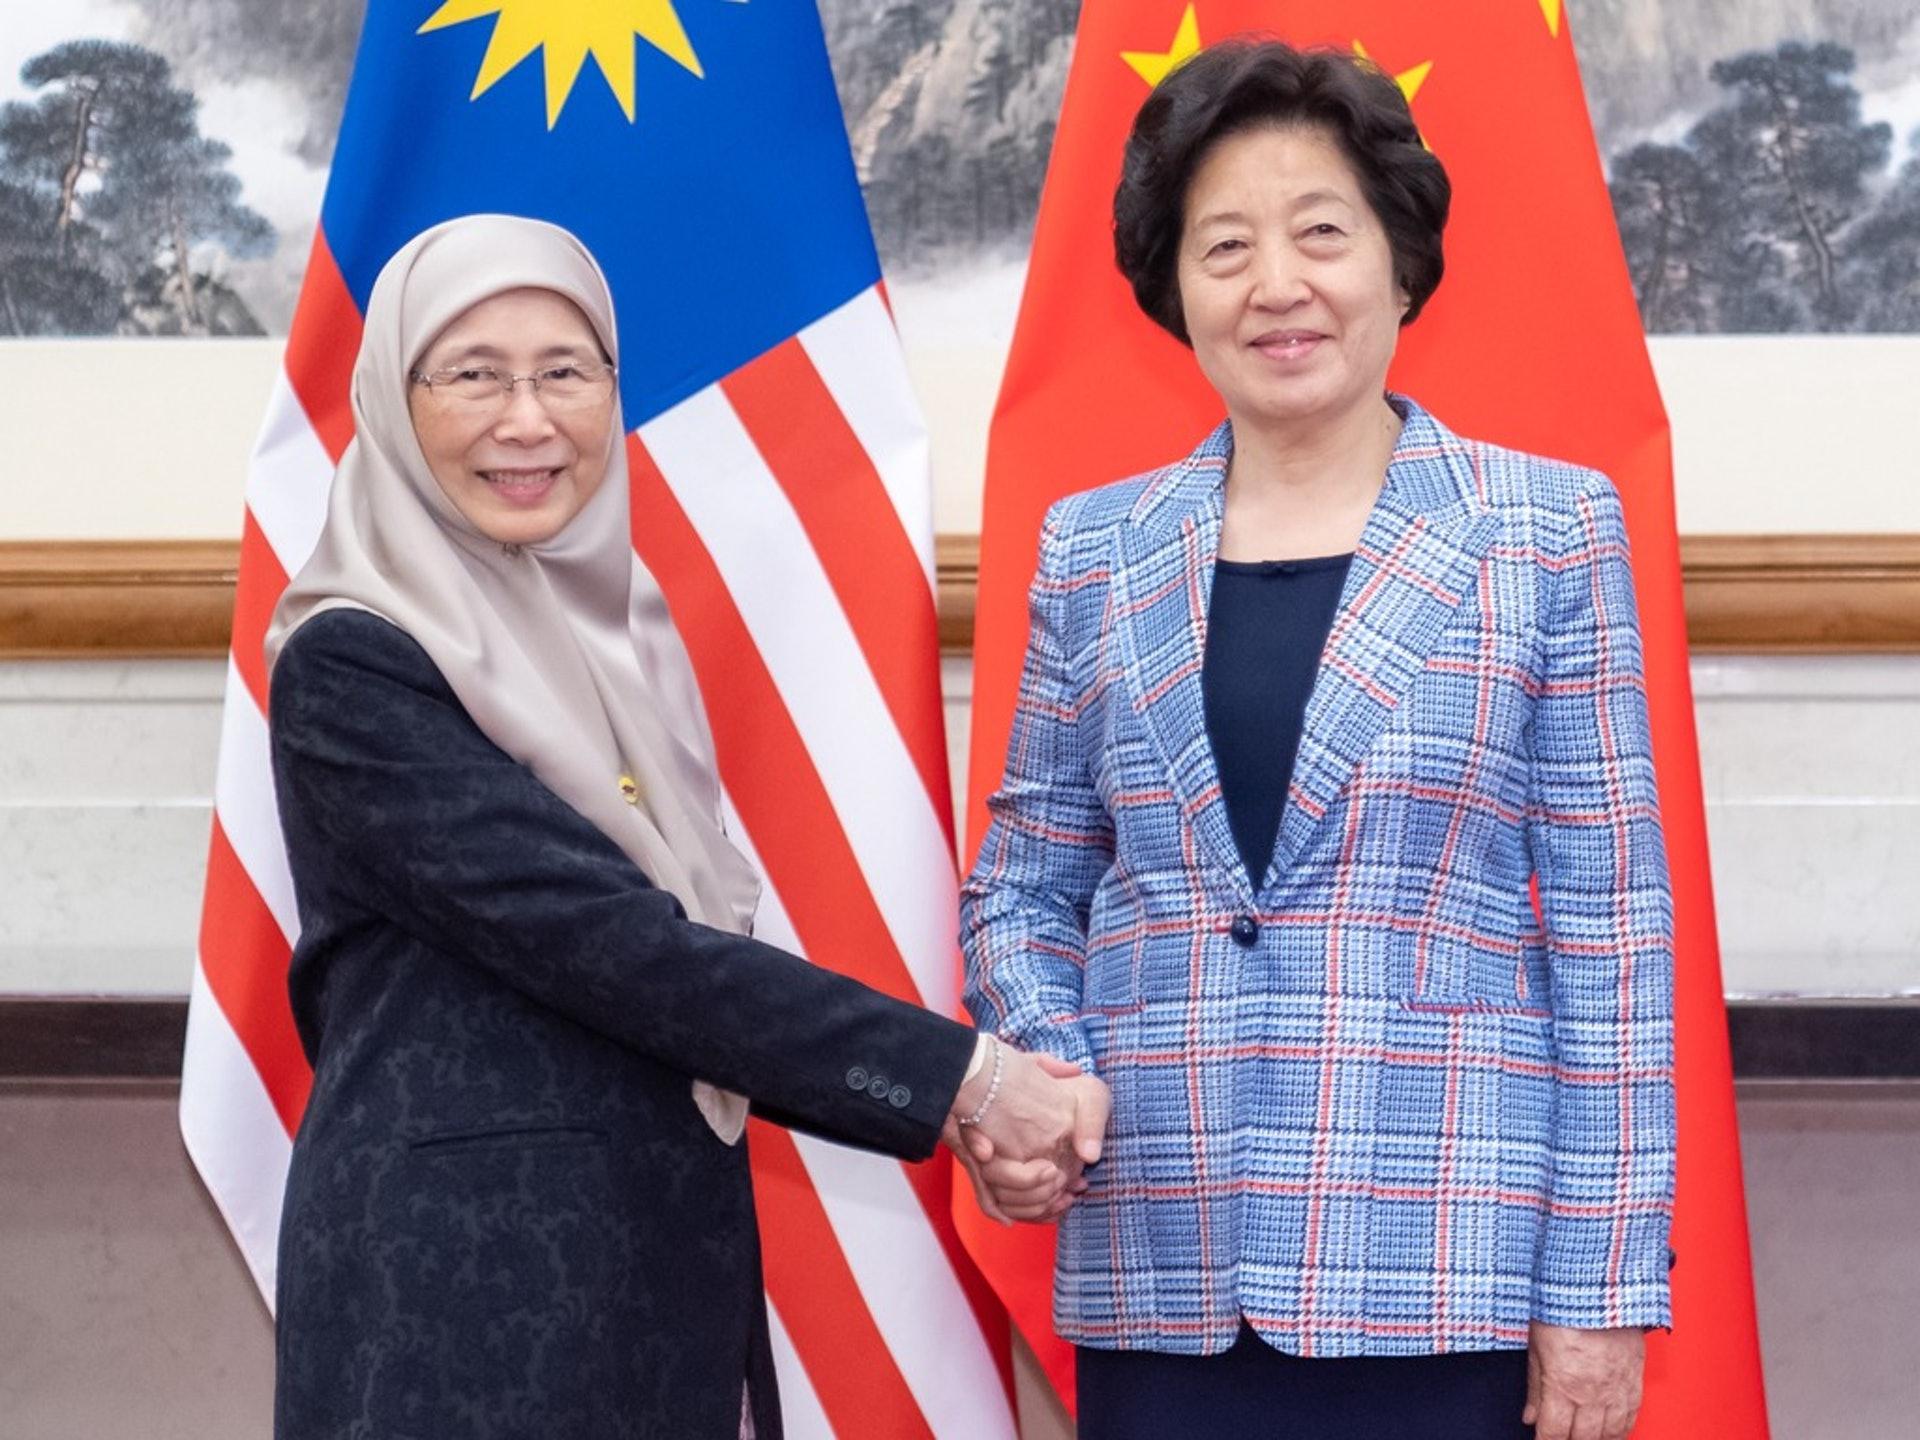 在馬哈蒂爾辭職不久,馬來西亞短暫迎接了一位女性首腦,即安華之妻,萬·阿齊扎(左),圖為她2019年訪華時會見中國副總理孫春蘭。(新華社)